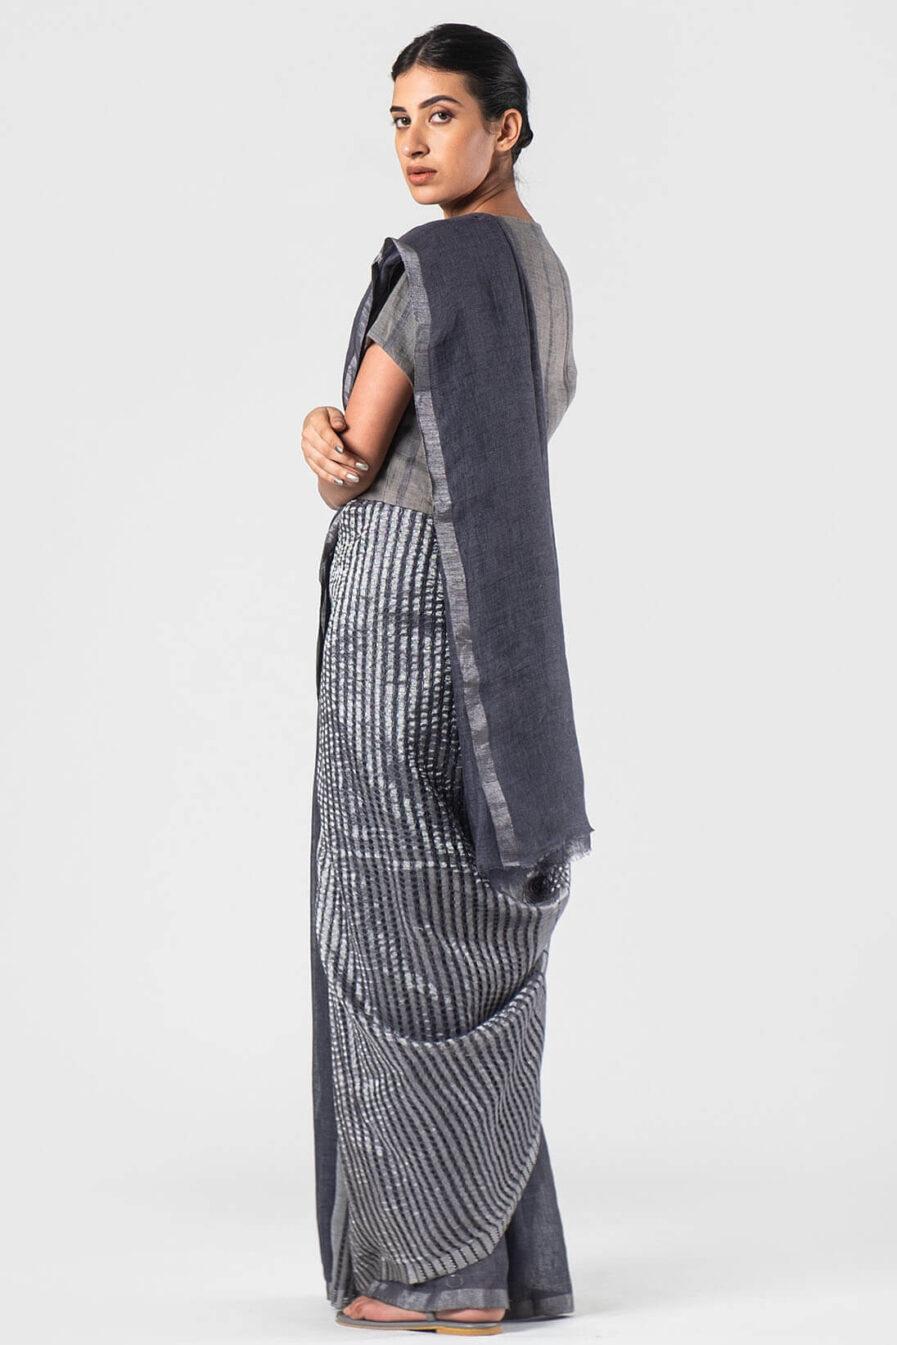 Anavila Grey Long mocklino pallu sari